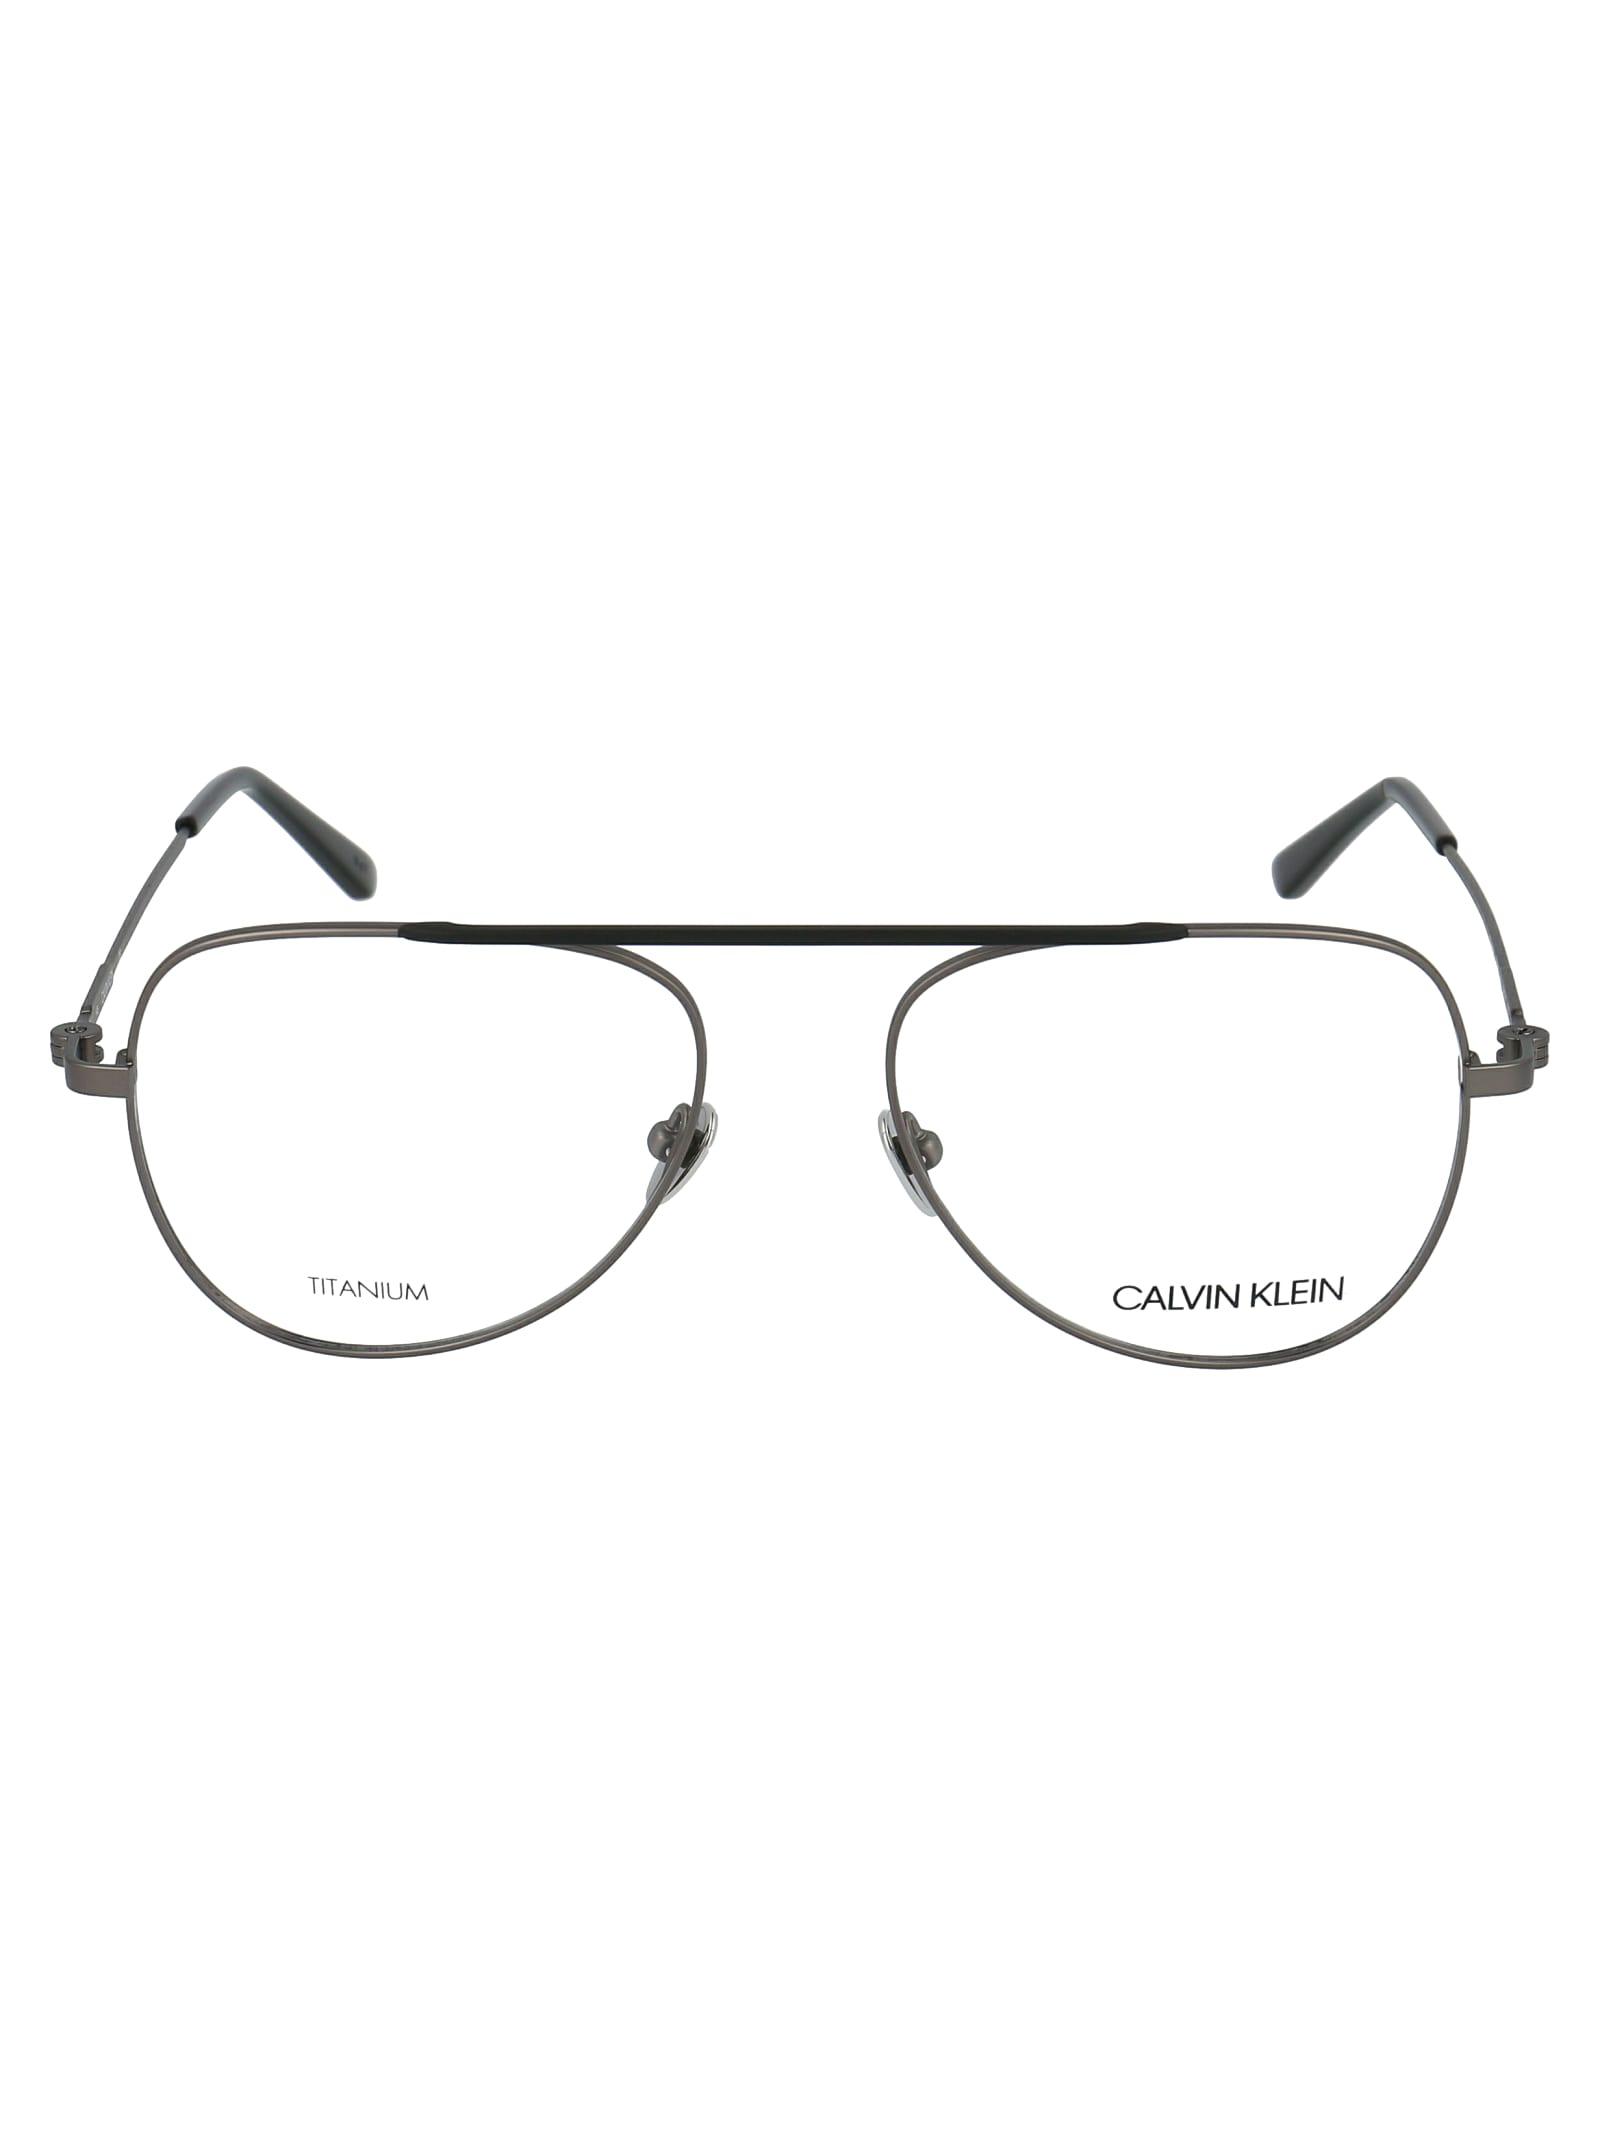 Ck19152 Glasses